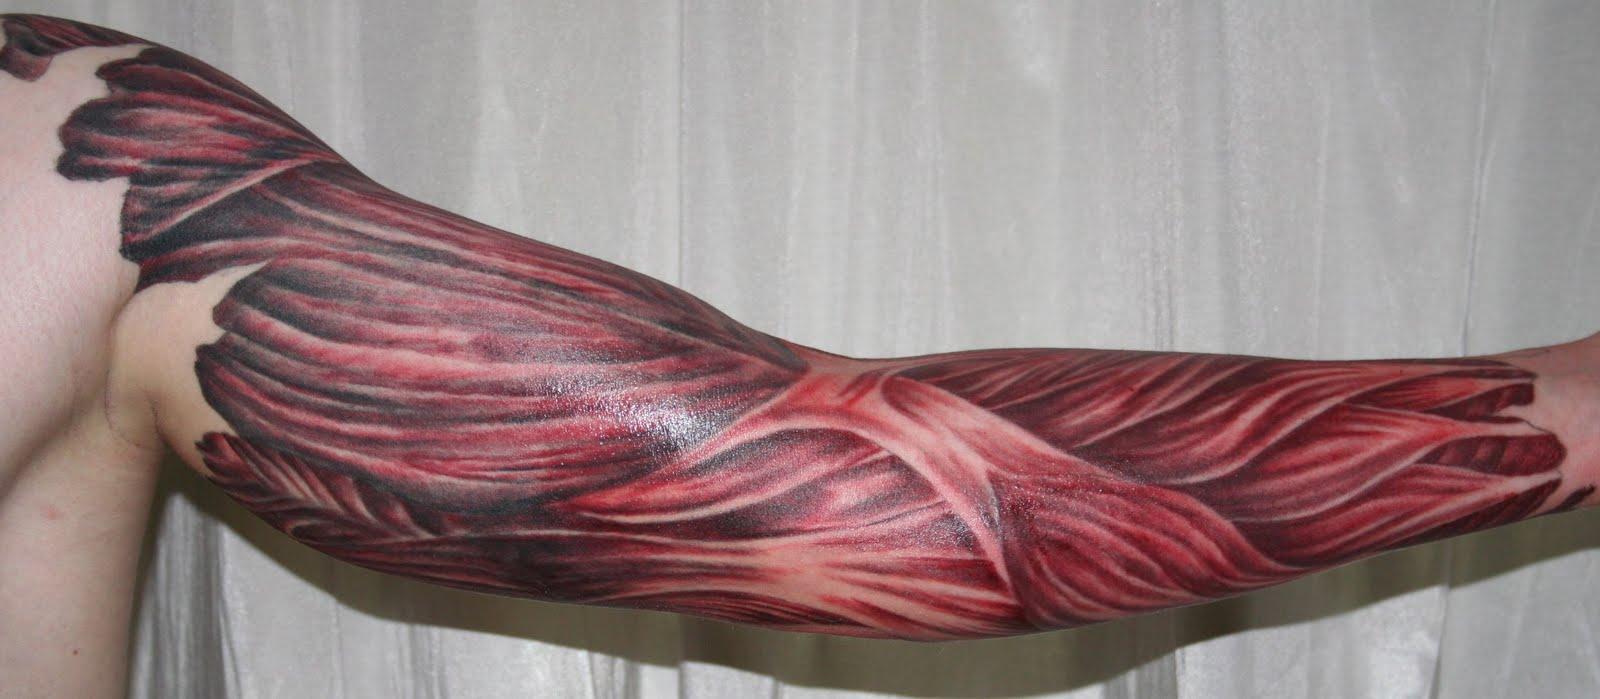 Некоторых такая татуировка может